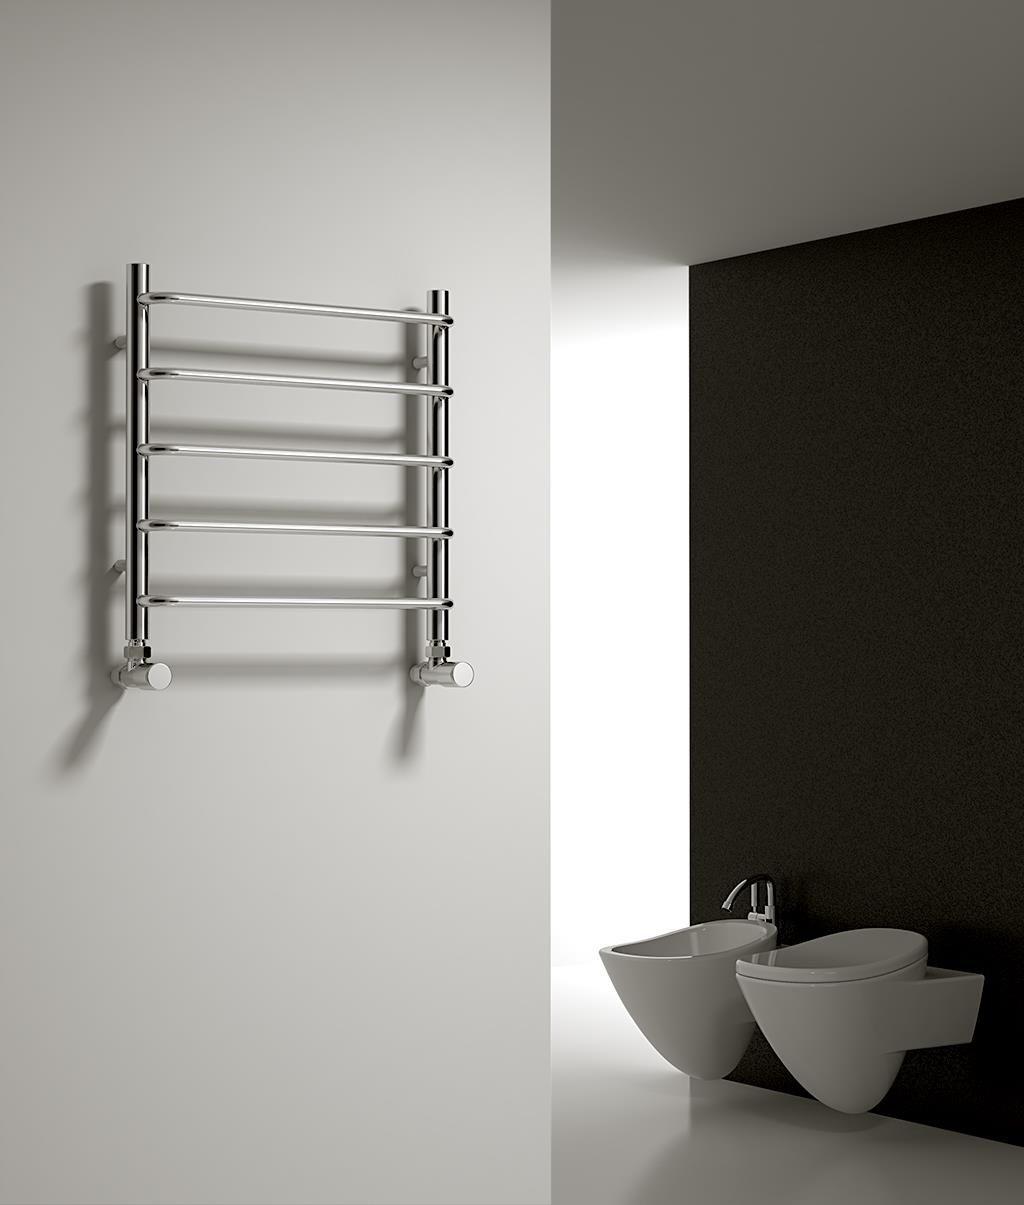 Grzejnik łazienkowy dekoracyjny ALIANO - 500/1000 mm